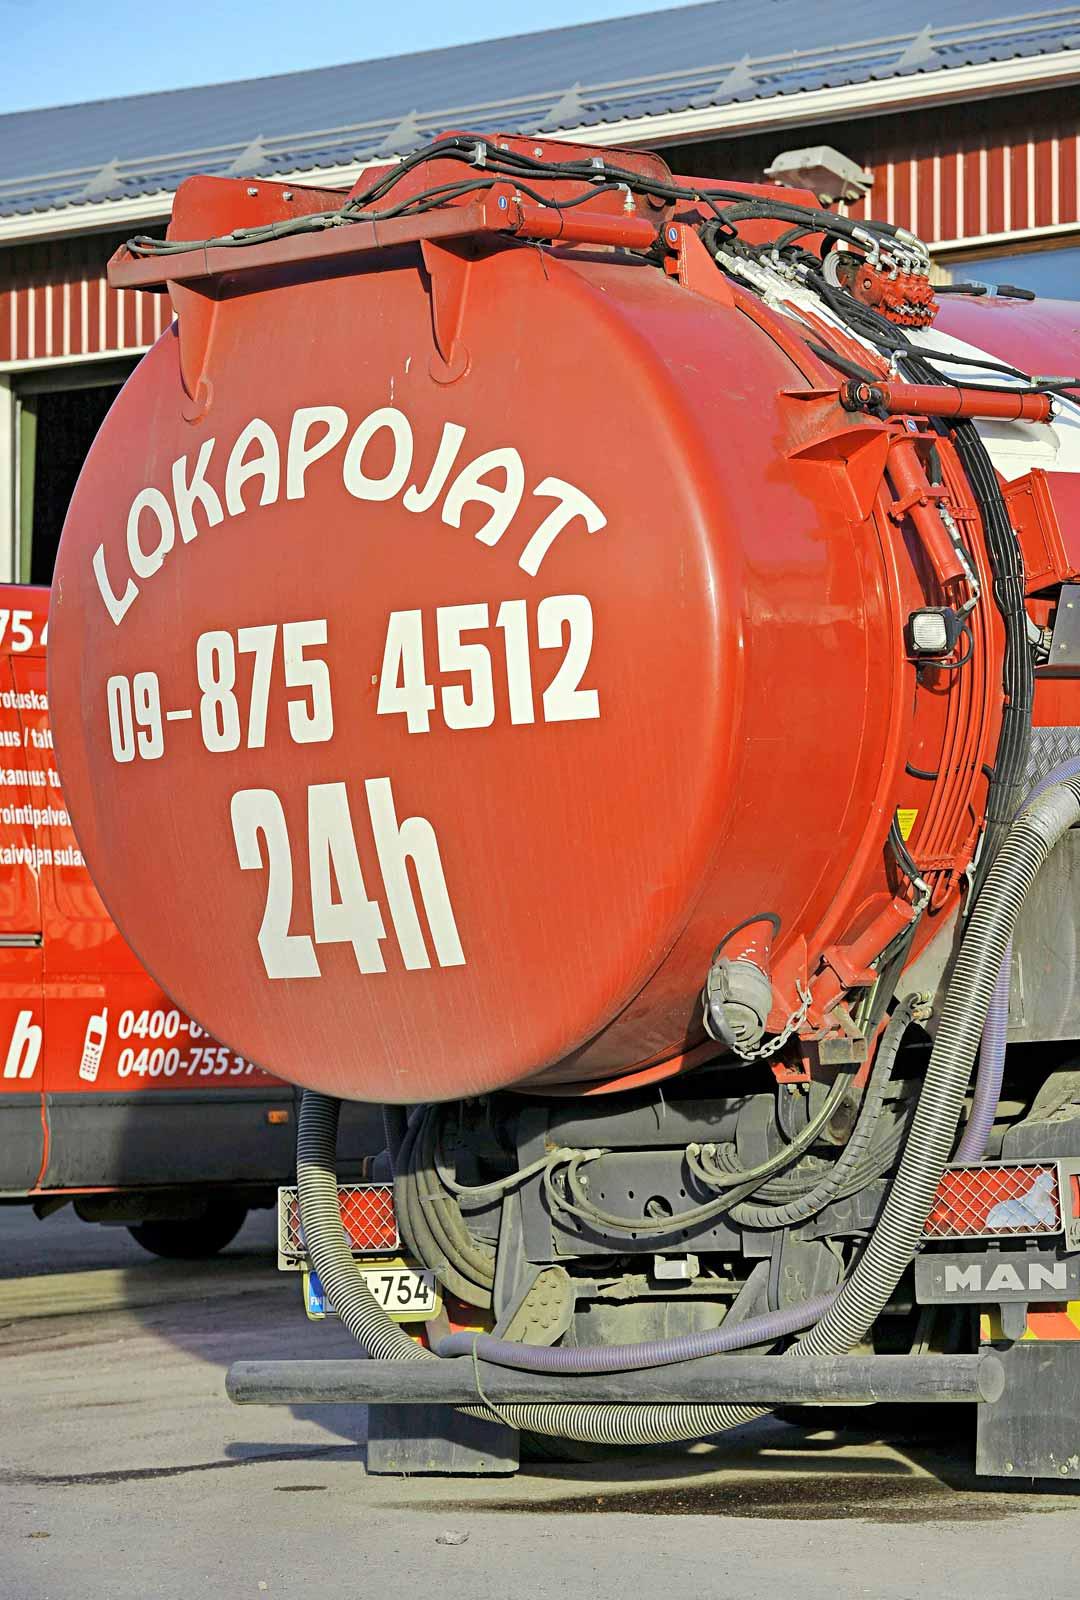 Entinen Lokapojat-yhtiö laski aikoinaan jätettä ojiin ja puroihin – ja sai 2013 maksettavakseen 280000 euron vahingonkorvaukset. Jätteen eteenpäin välttämisestä annettavat tuomiot ovat moninverroin pienempiä.